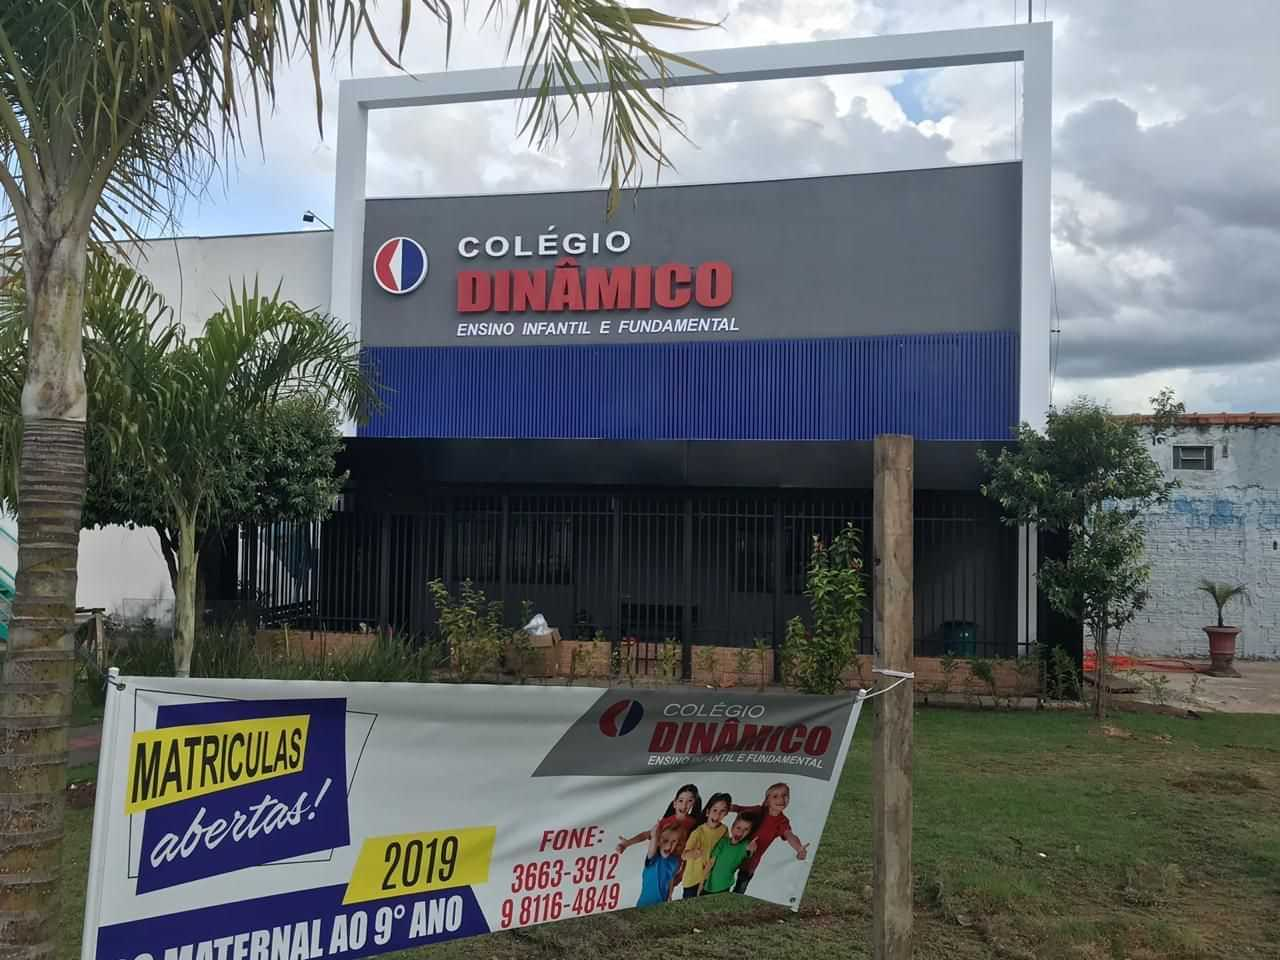 Colégio Dinâmico